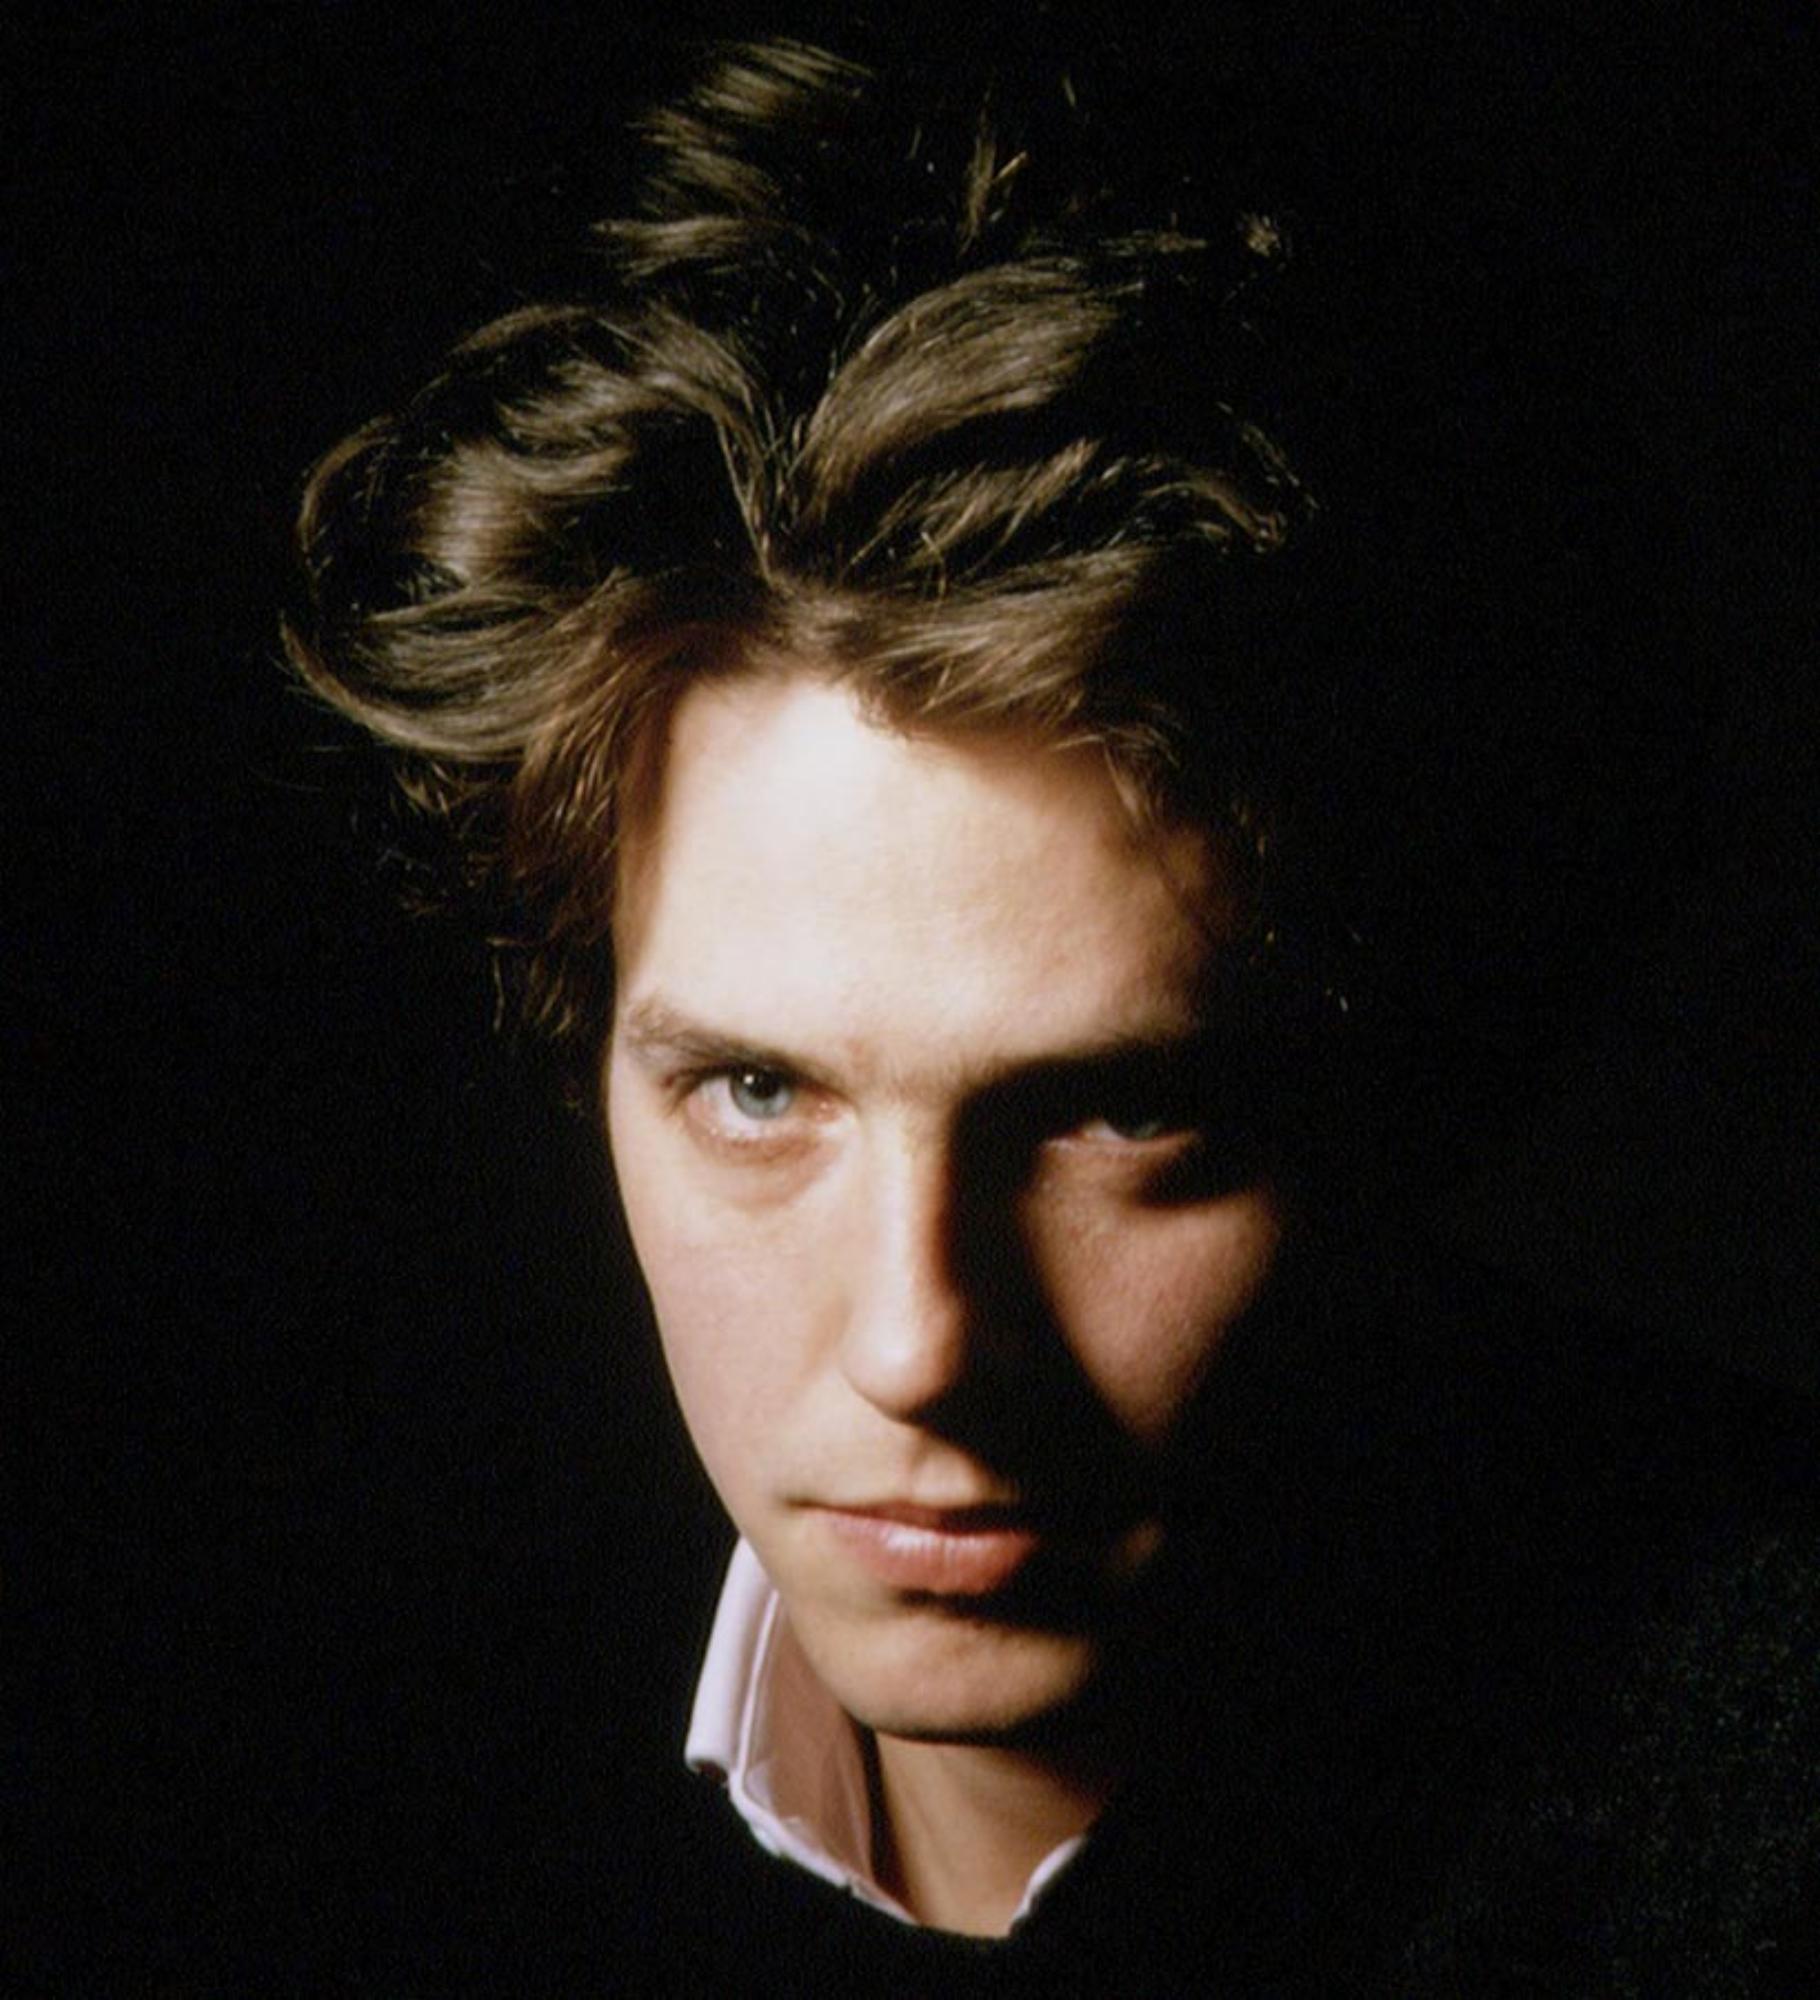 Hugh Grant photo 40 of 63 pics, wallpaper - photo #232039 ...